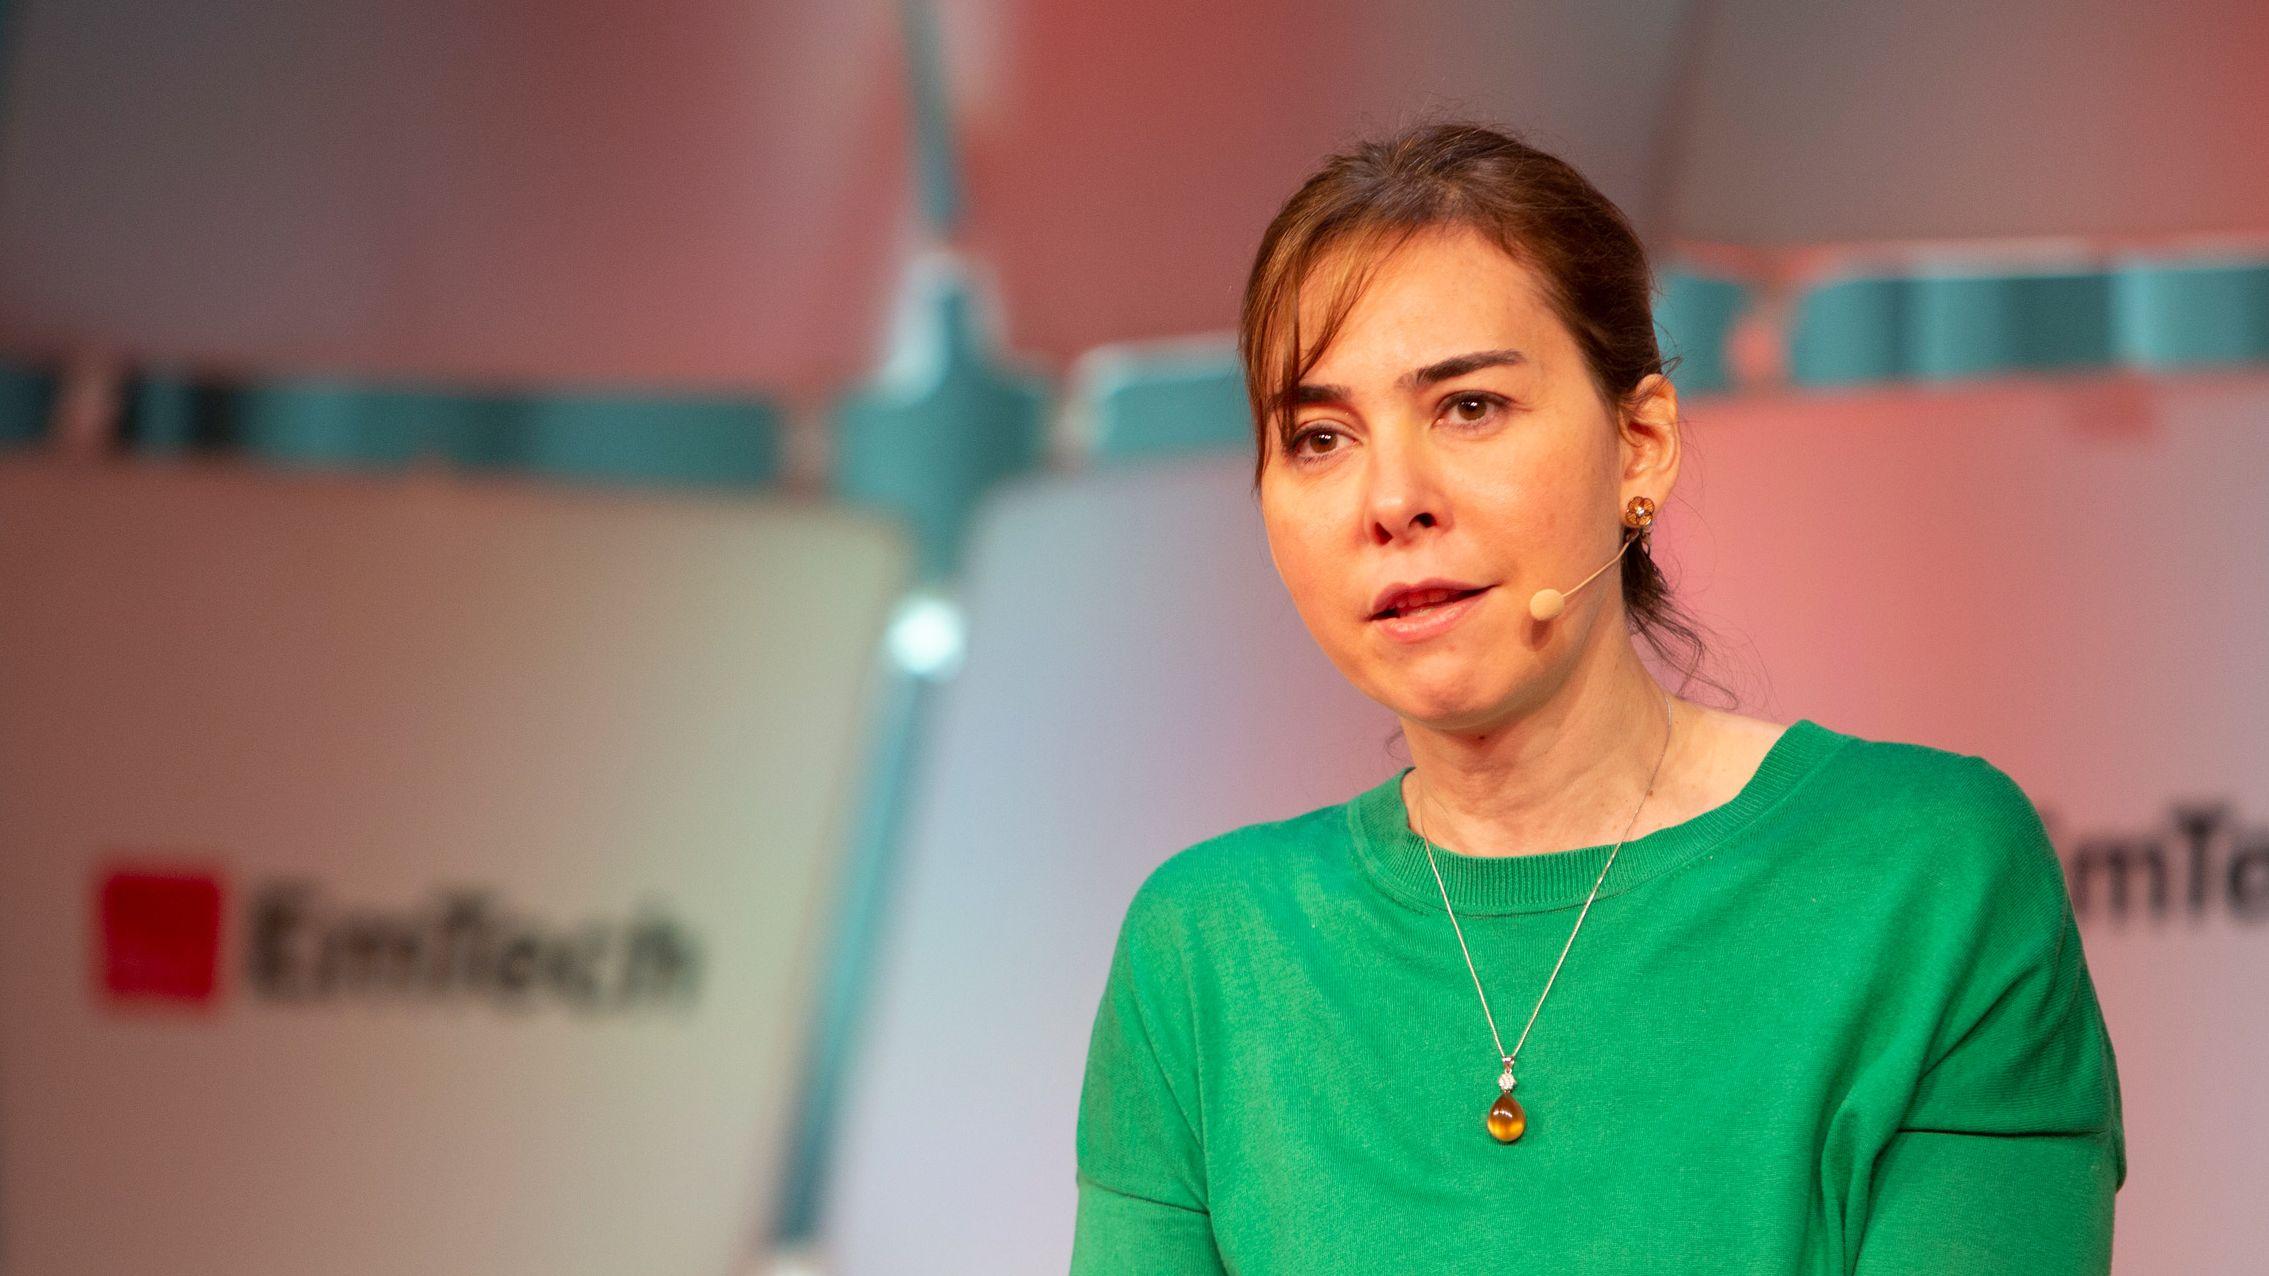 健康状態を「壁越し」でも追跡できる新装置、MIT教授が開発